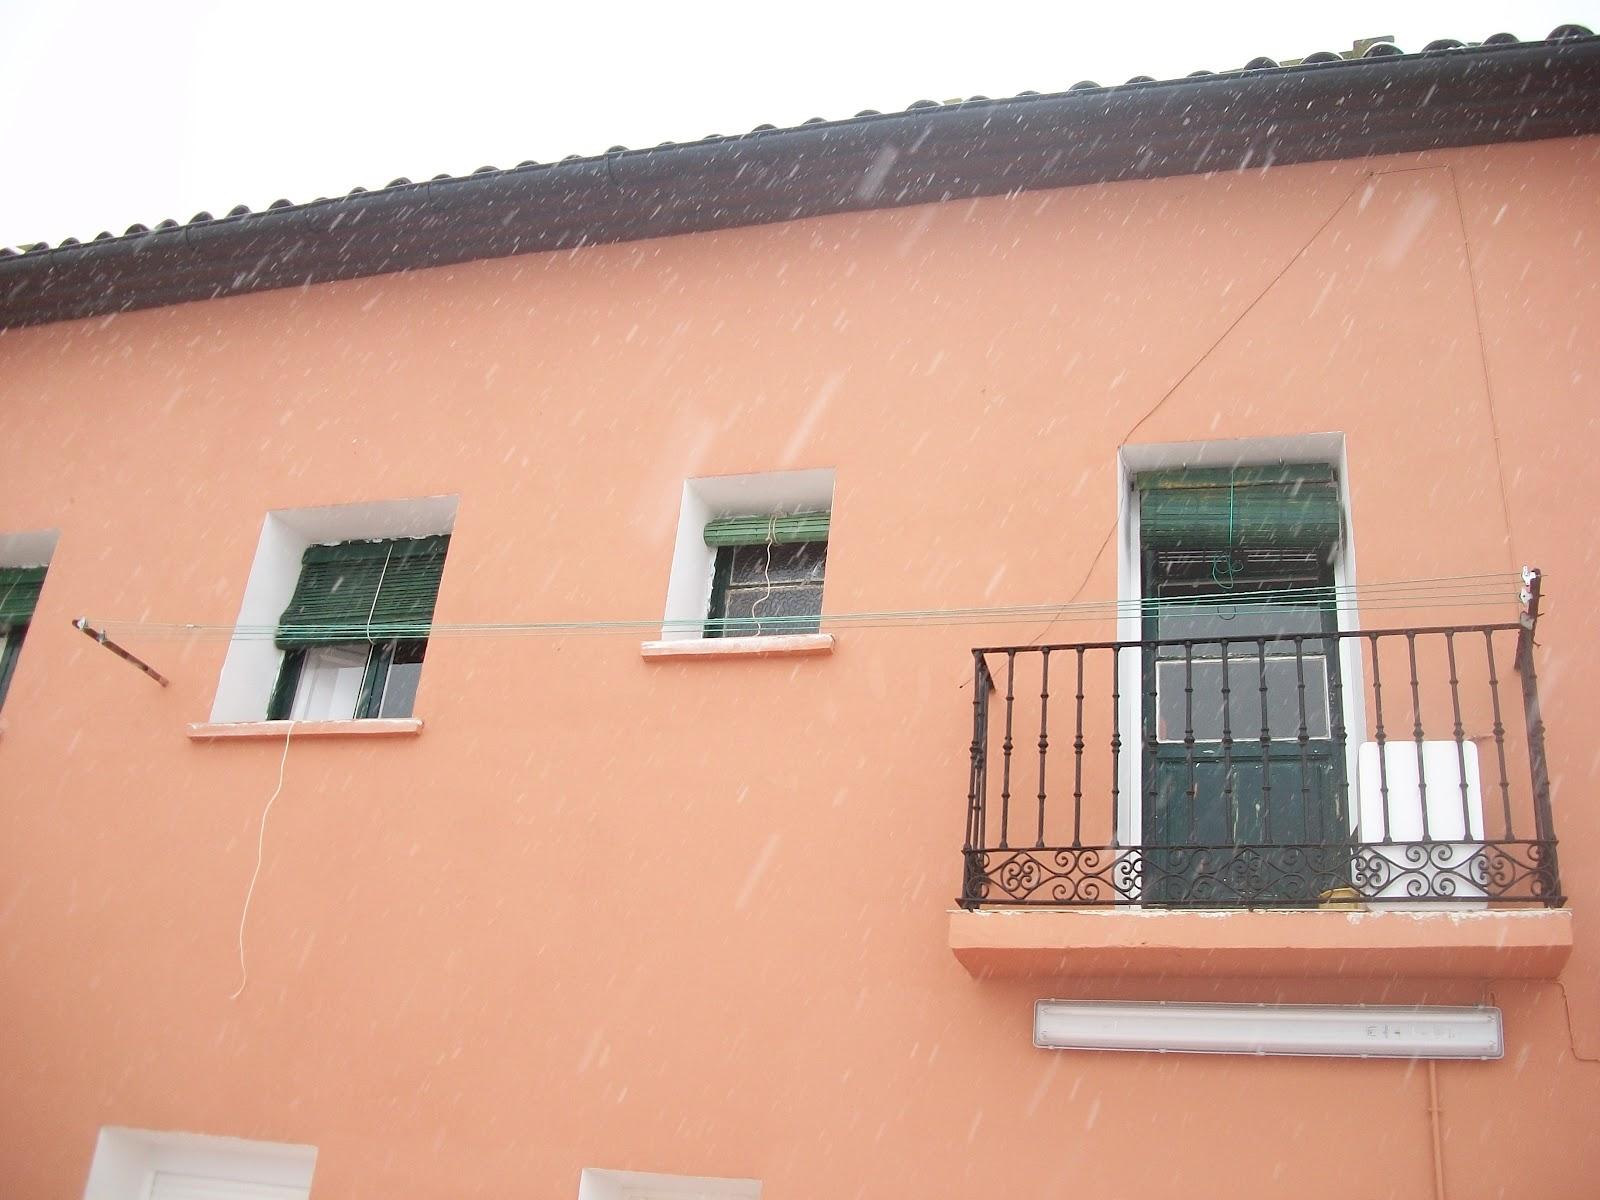 Servicios de pintura en zaragoza febrero 2013 - Pintura para fachada ...